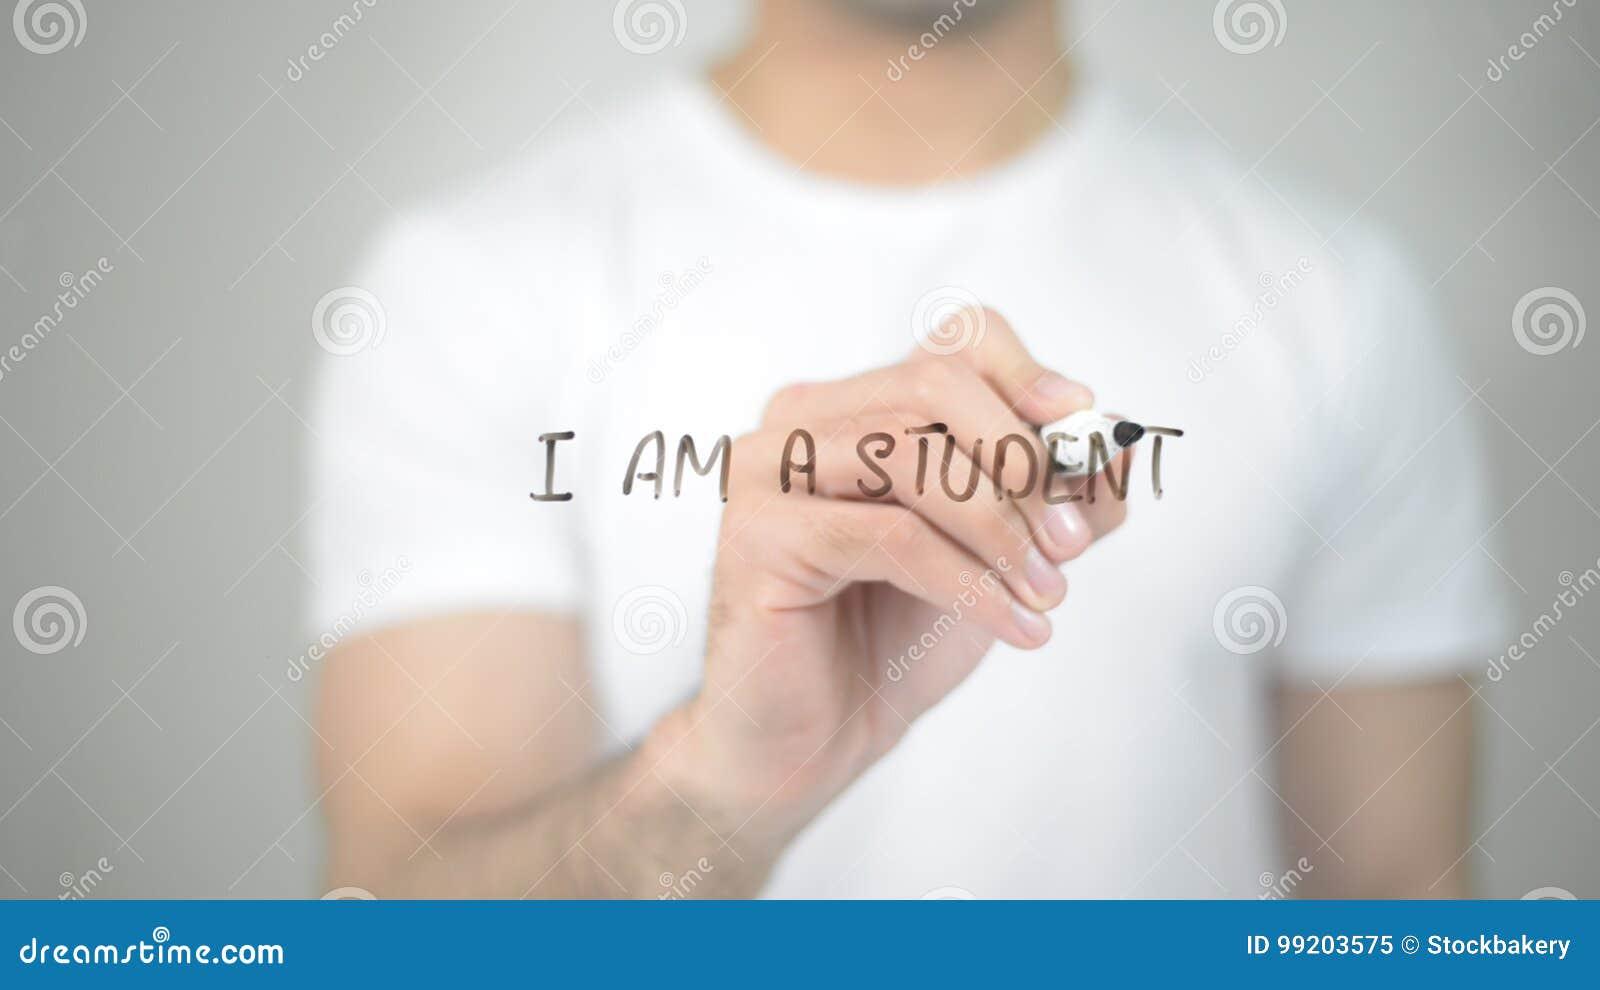 Είμαι σπουδαστής, άτομο που γράφει στη διαφανή οθόνη